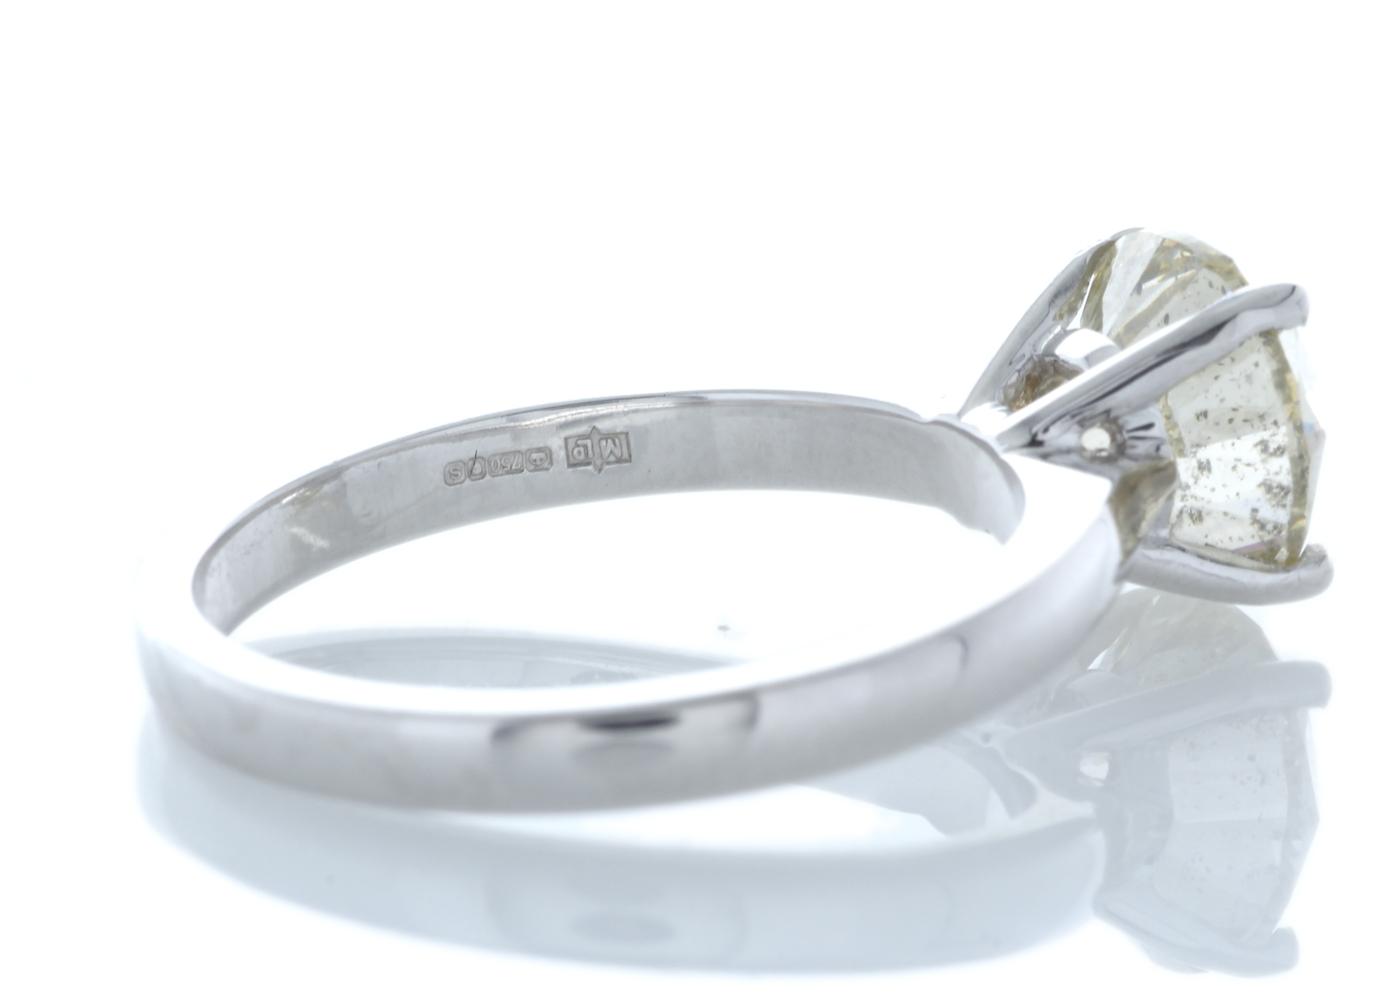 18ct White Gold Rex Set Diamond Ring 2.29 Carats - Image 3 of 5